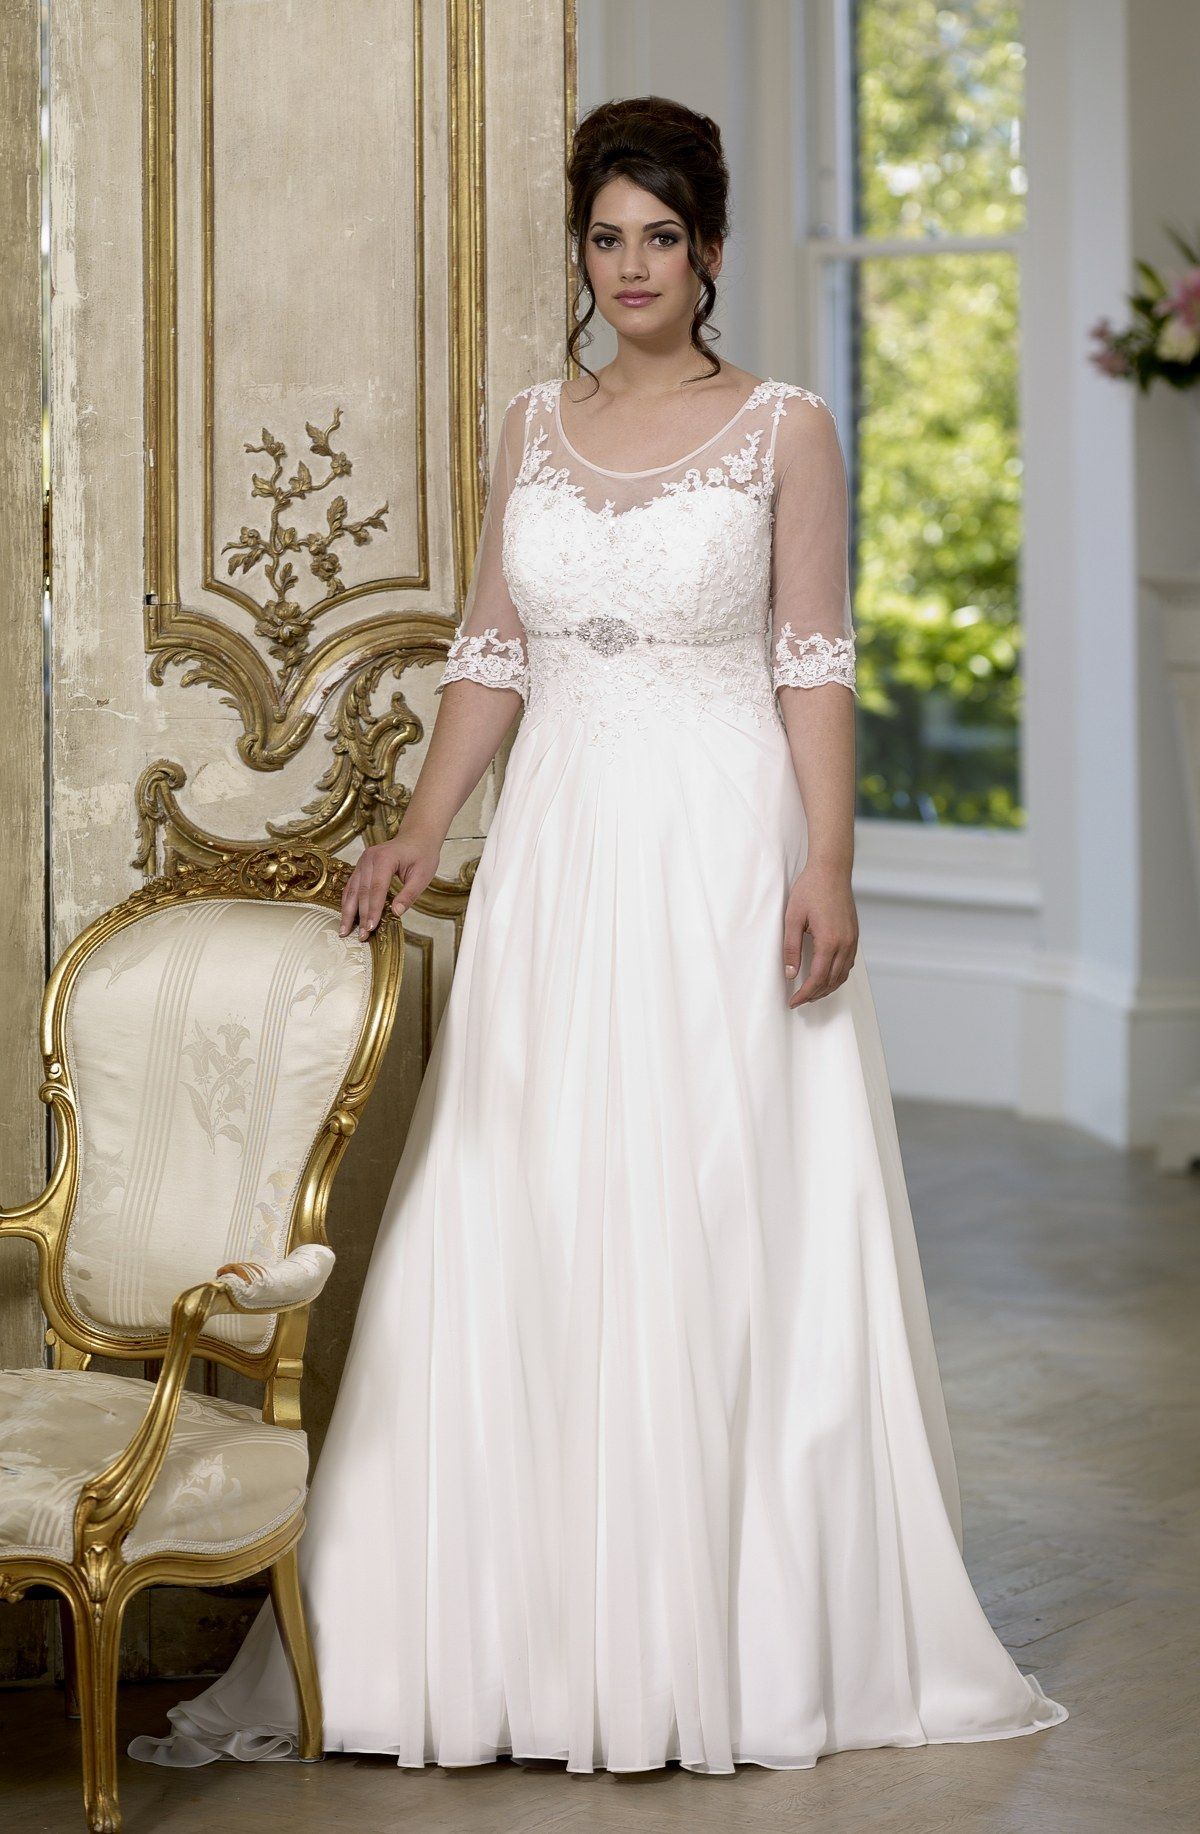 Son sonsie collection veromia wedding attire pinterest